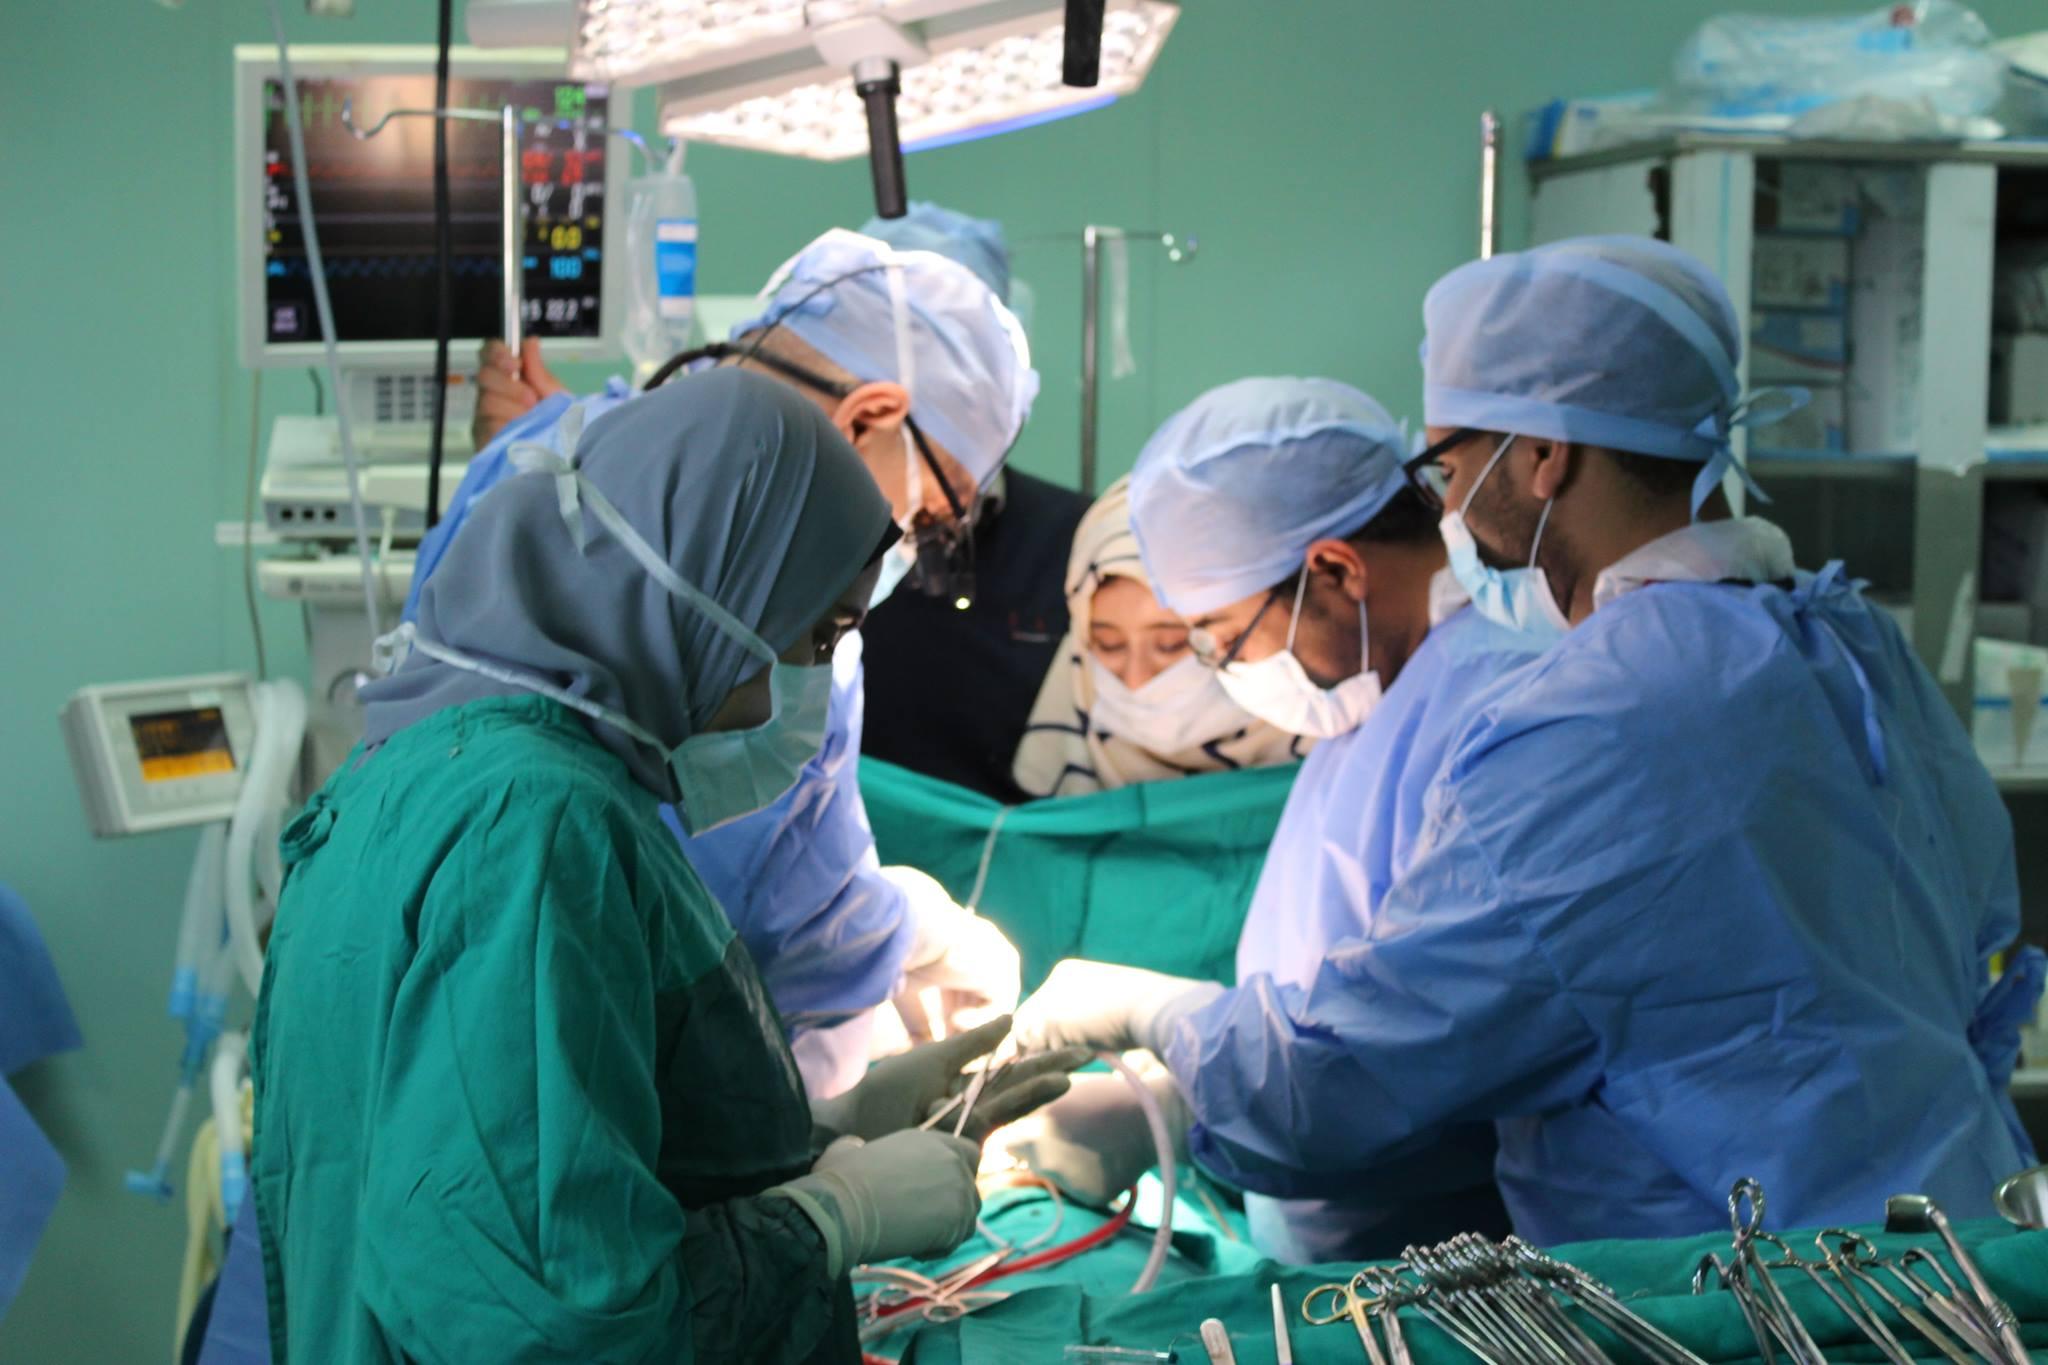 إجراء 5 عمليات قلب مفتوح للأطفال بورشة عمل في مستشفى قنا الجامعي